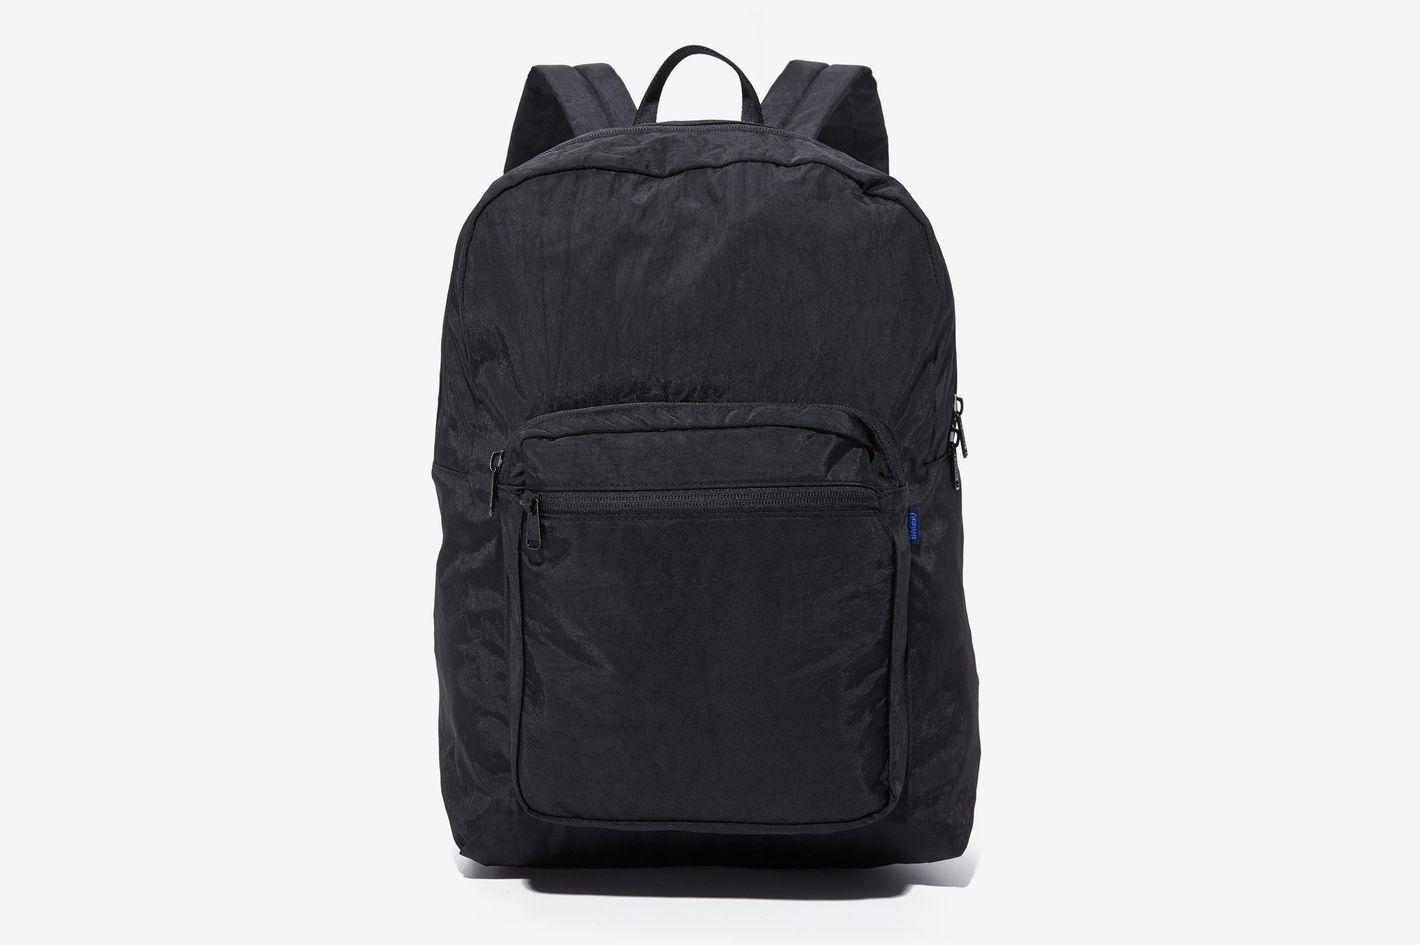 5b5da3389dd8 18 Best Backpacks for Girls 2018